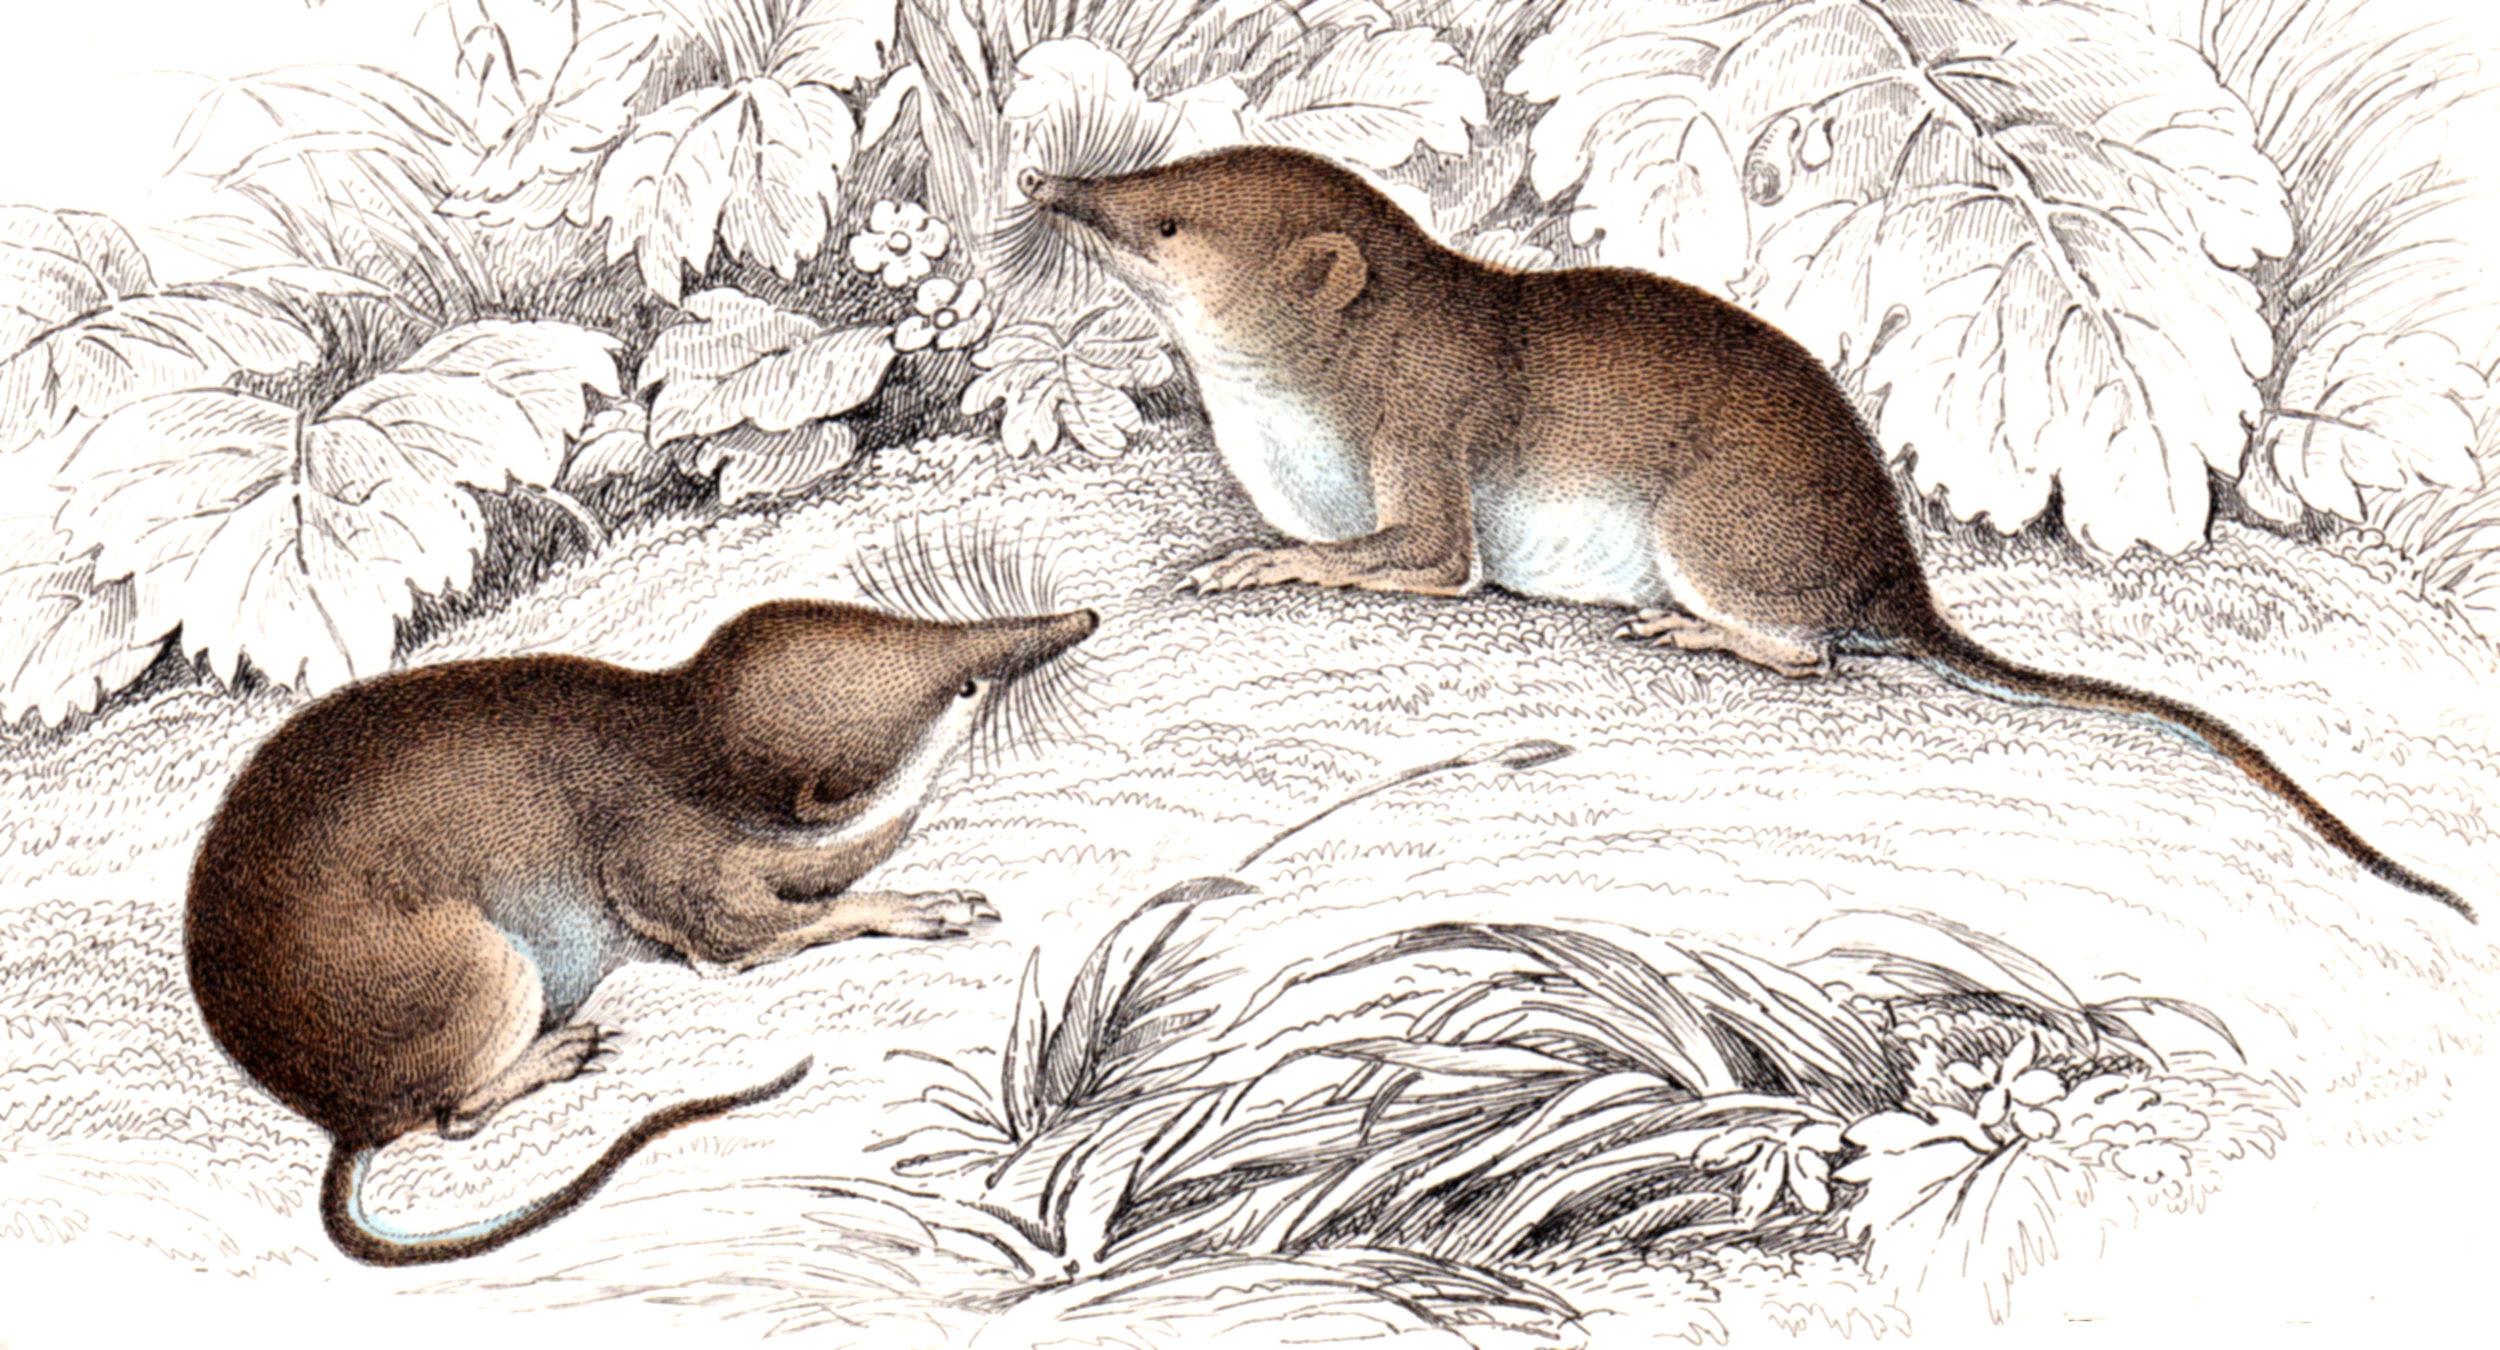 Jardine, Sir Wm / Lizars, Wm – Rodents